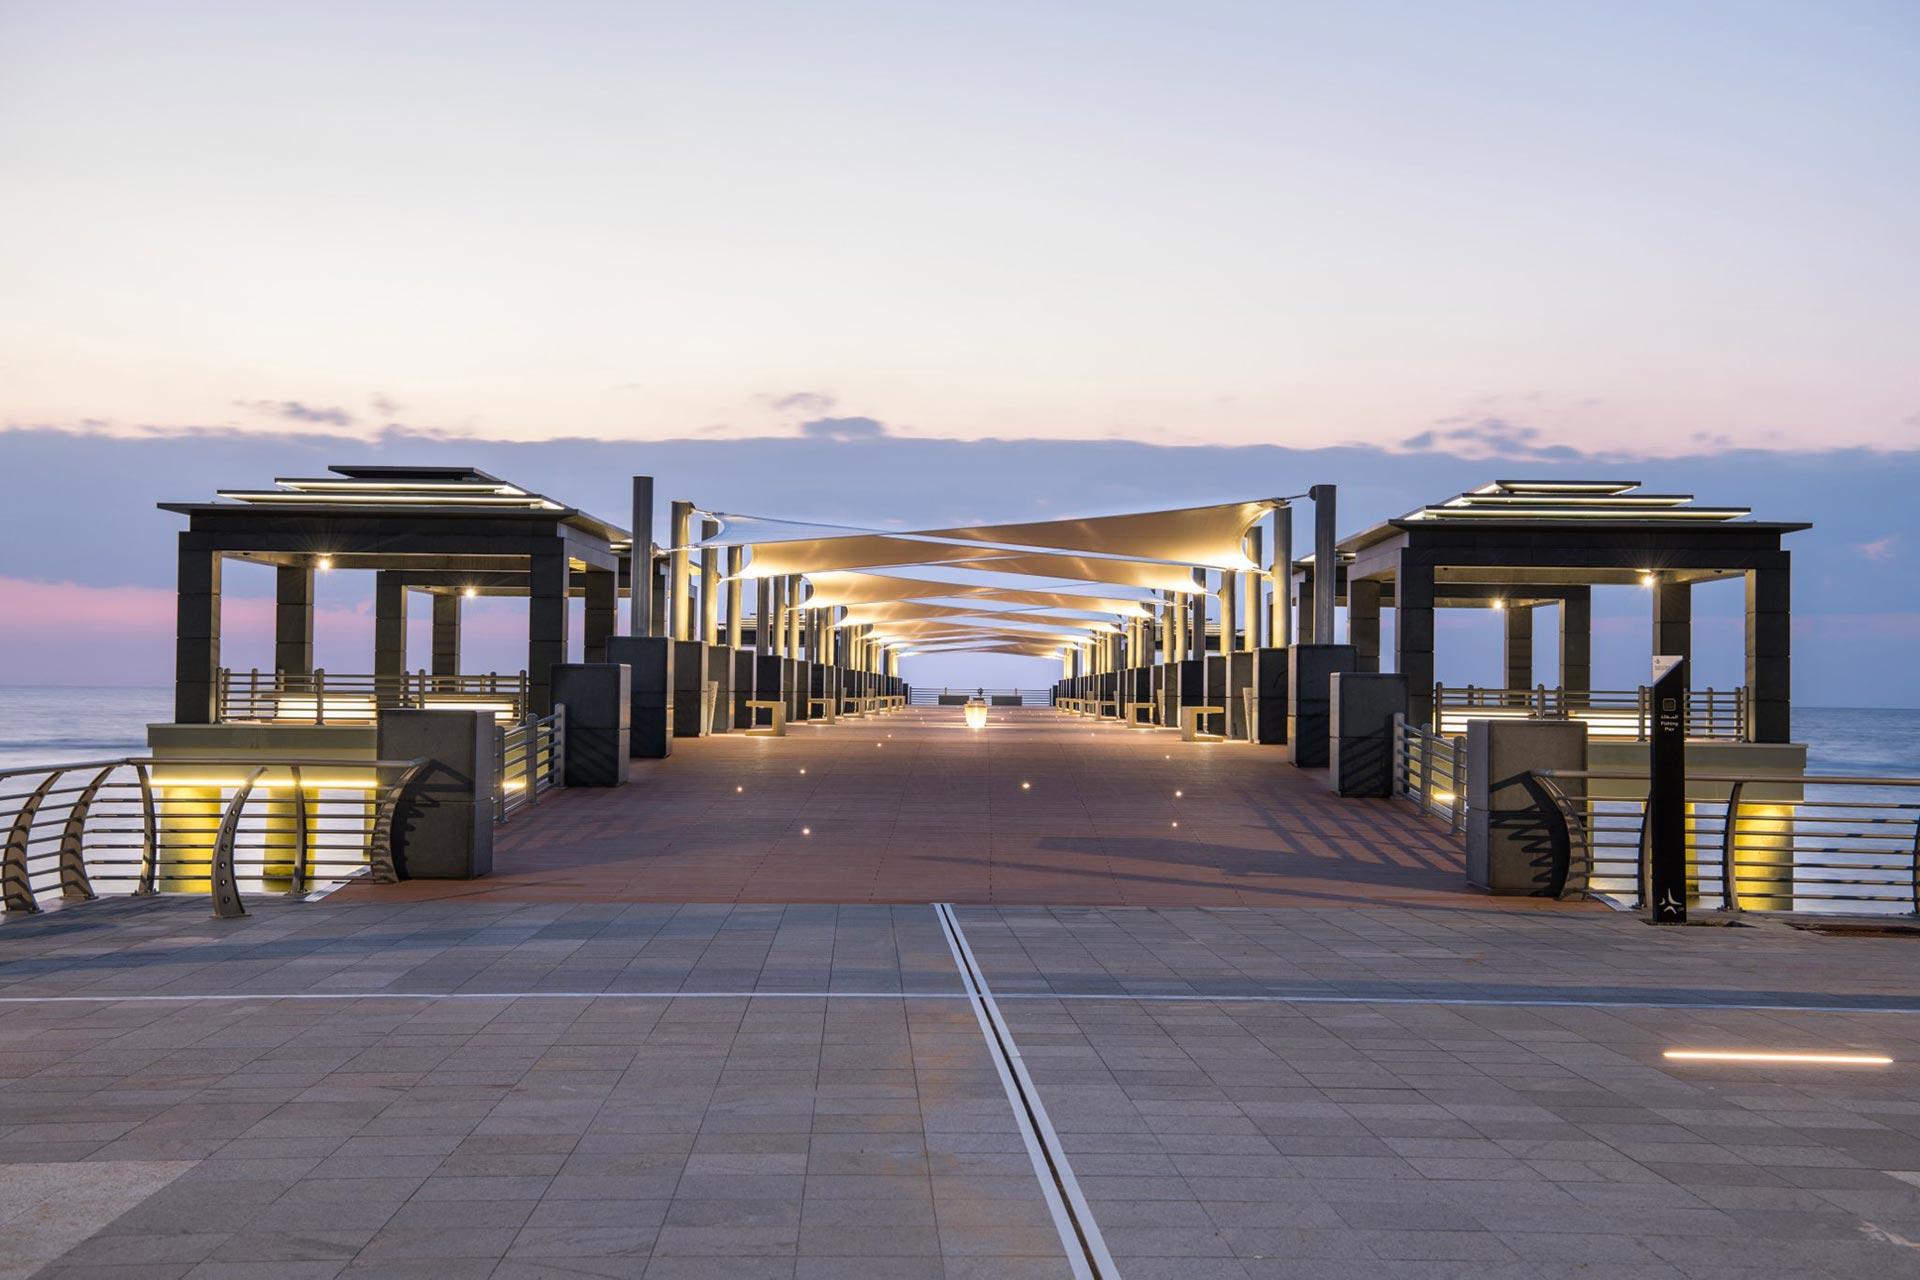 Jeddah Corniche 4